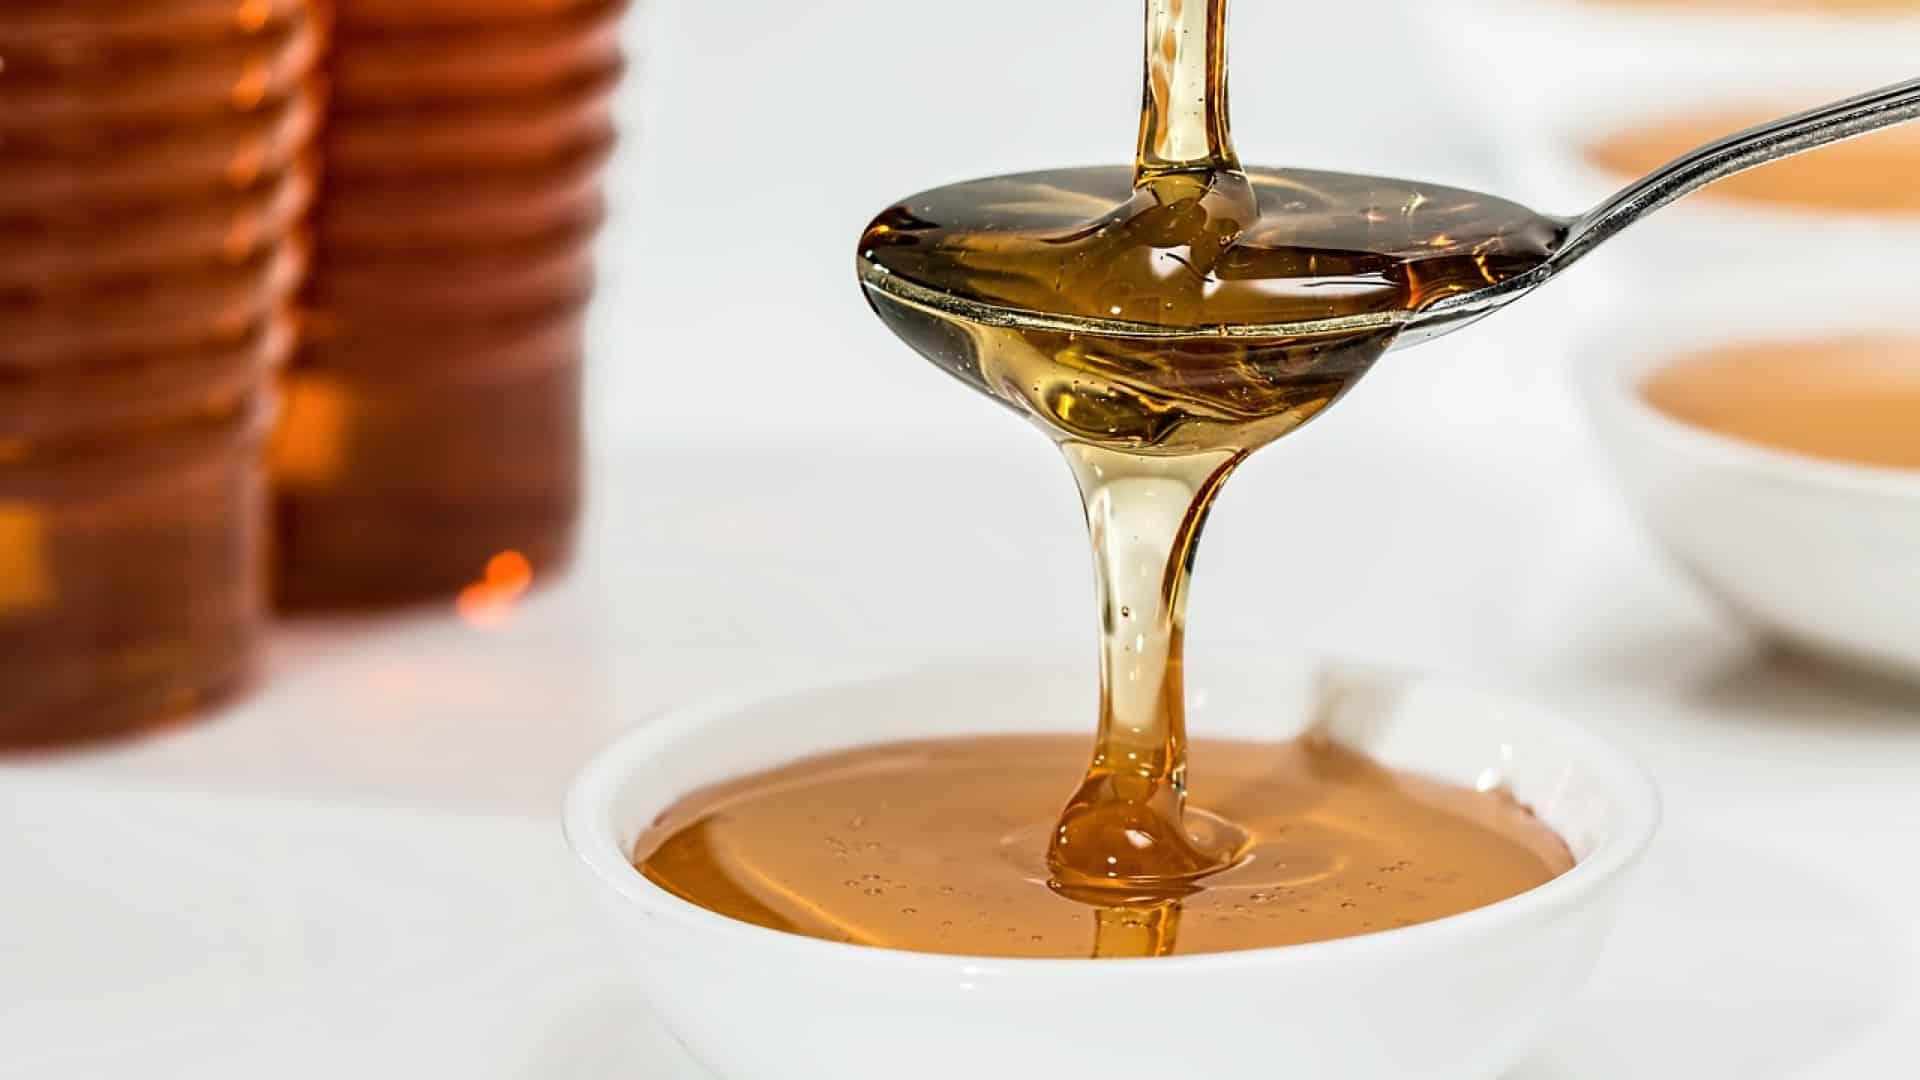 Le miel : un produit à ne pas négliger en cuisine